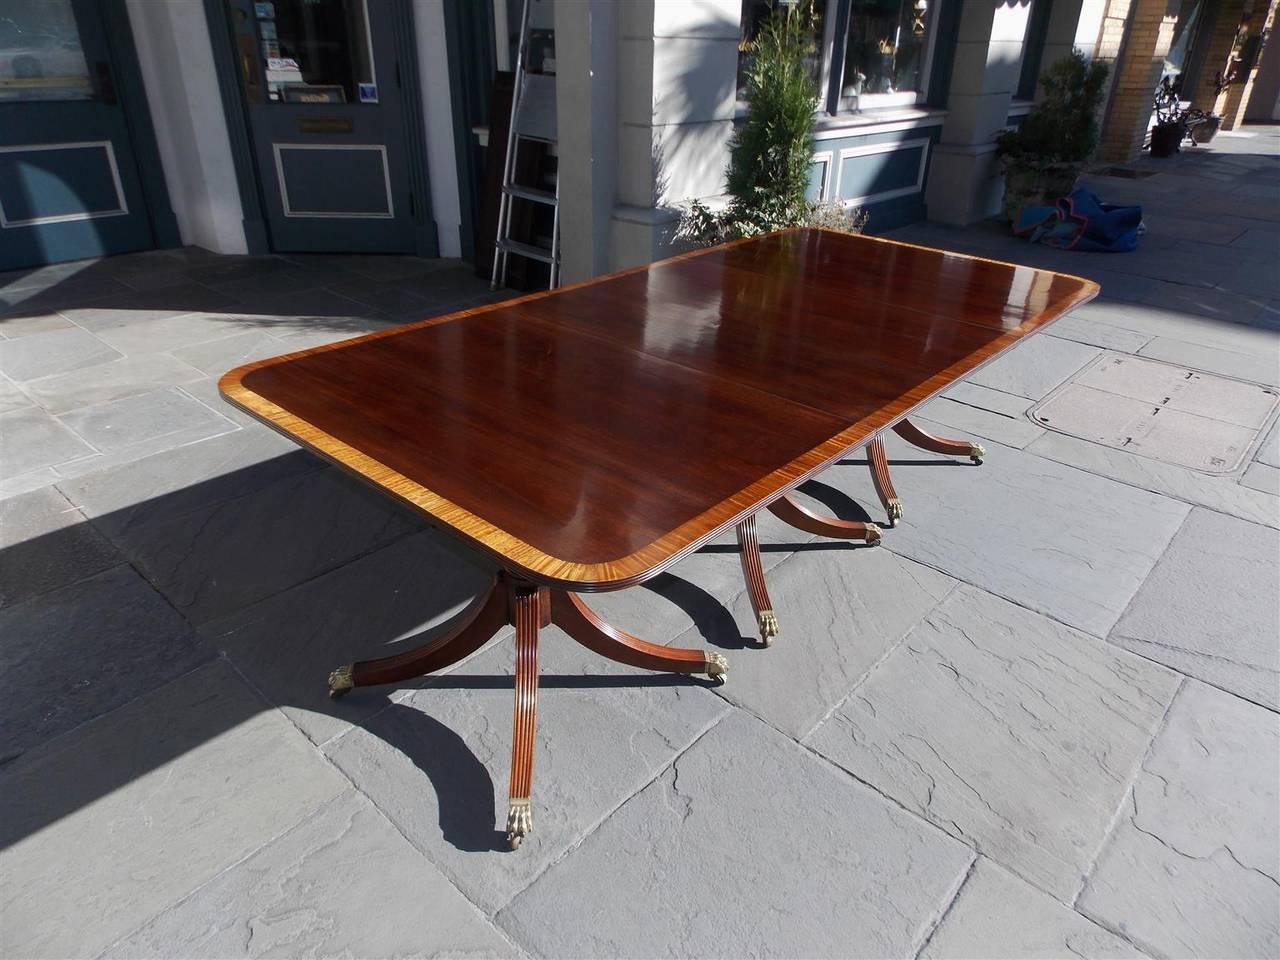 utm medium plautm source bingutm campaign furnitureutm term dining room tables